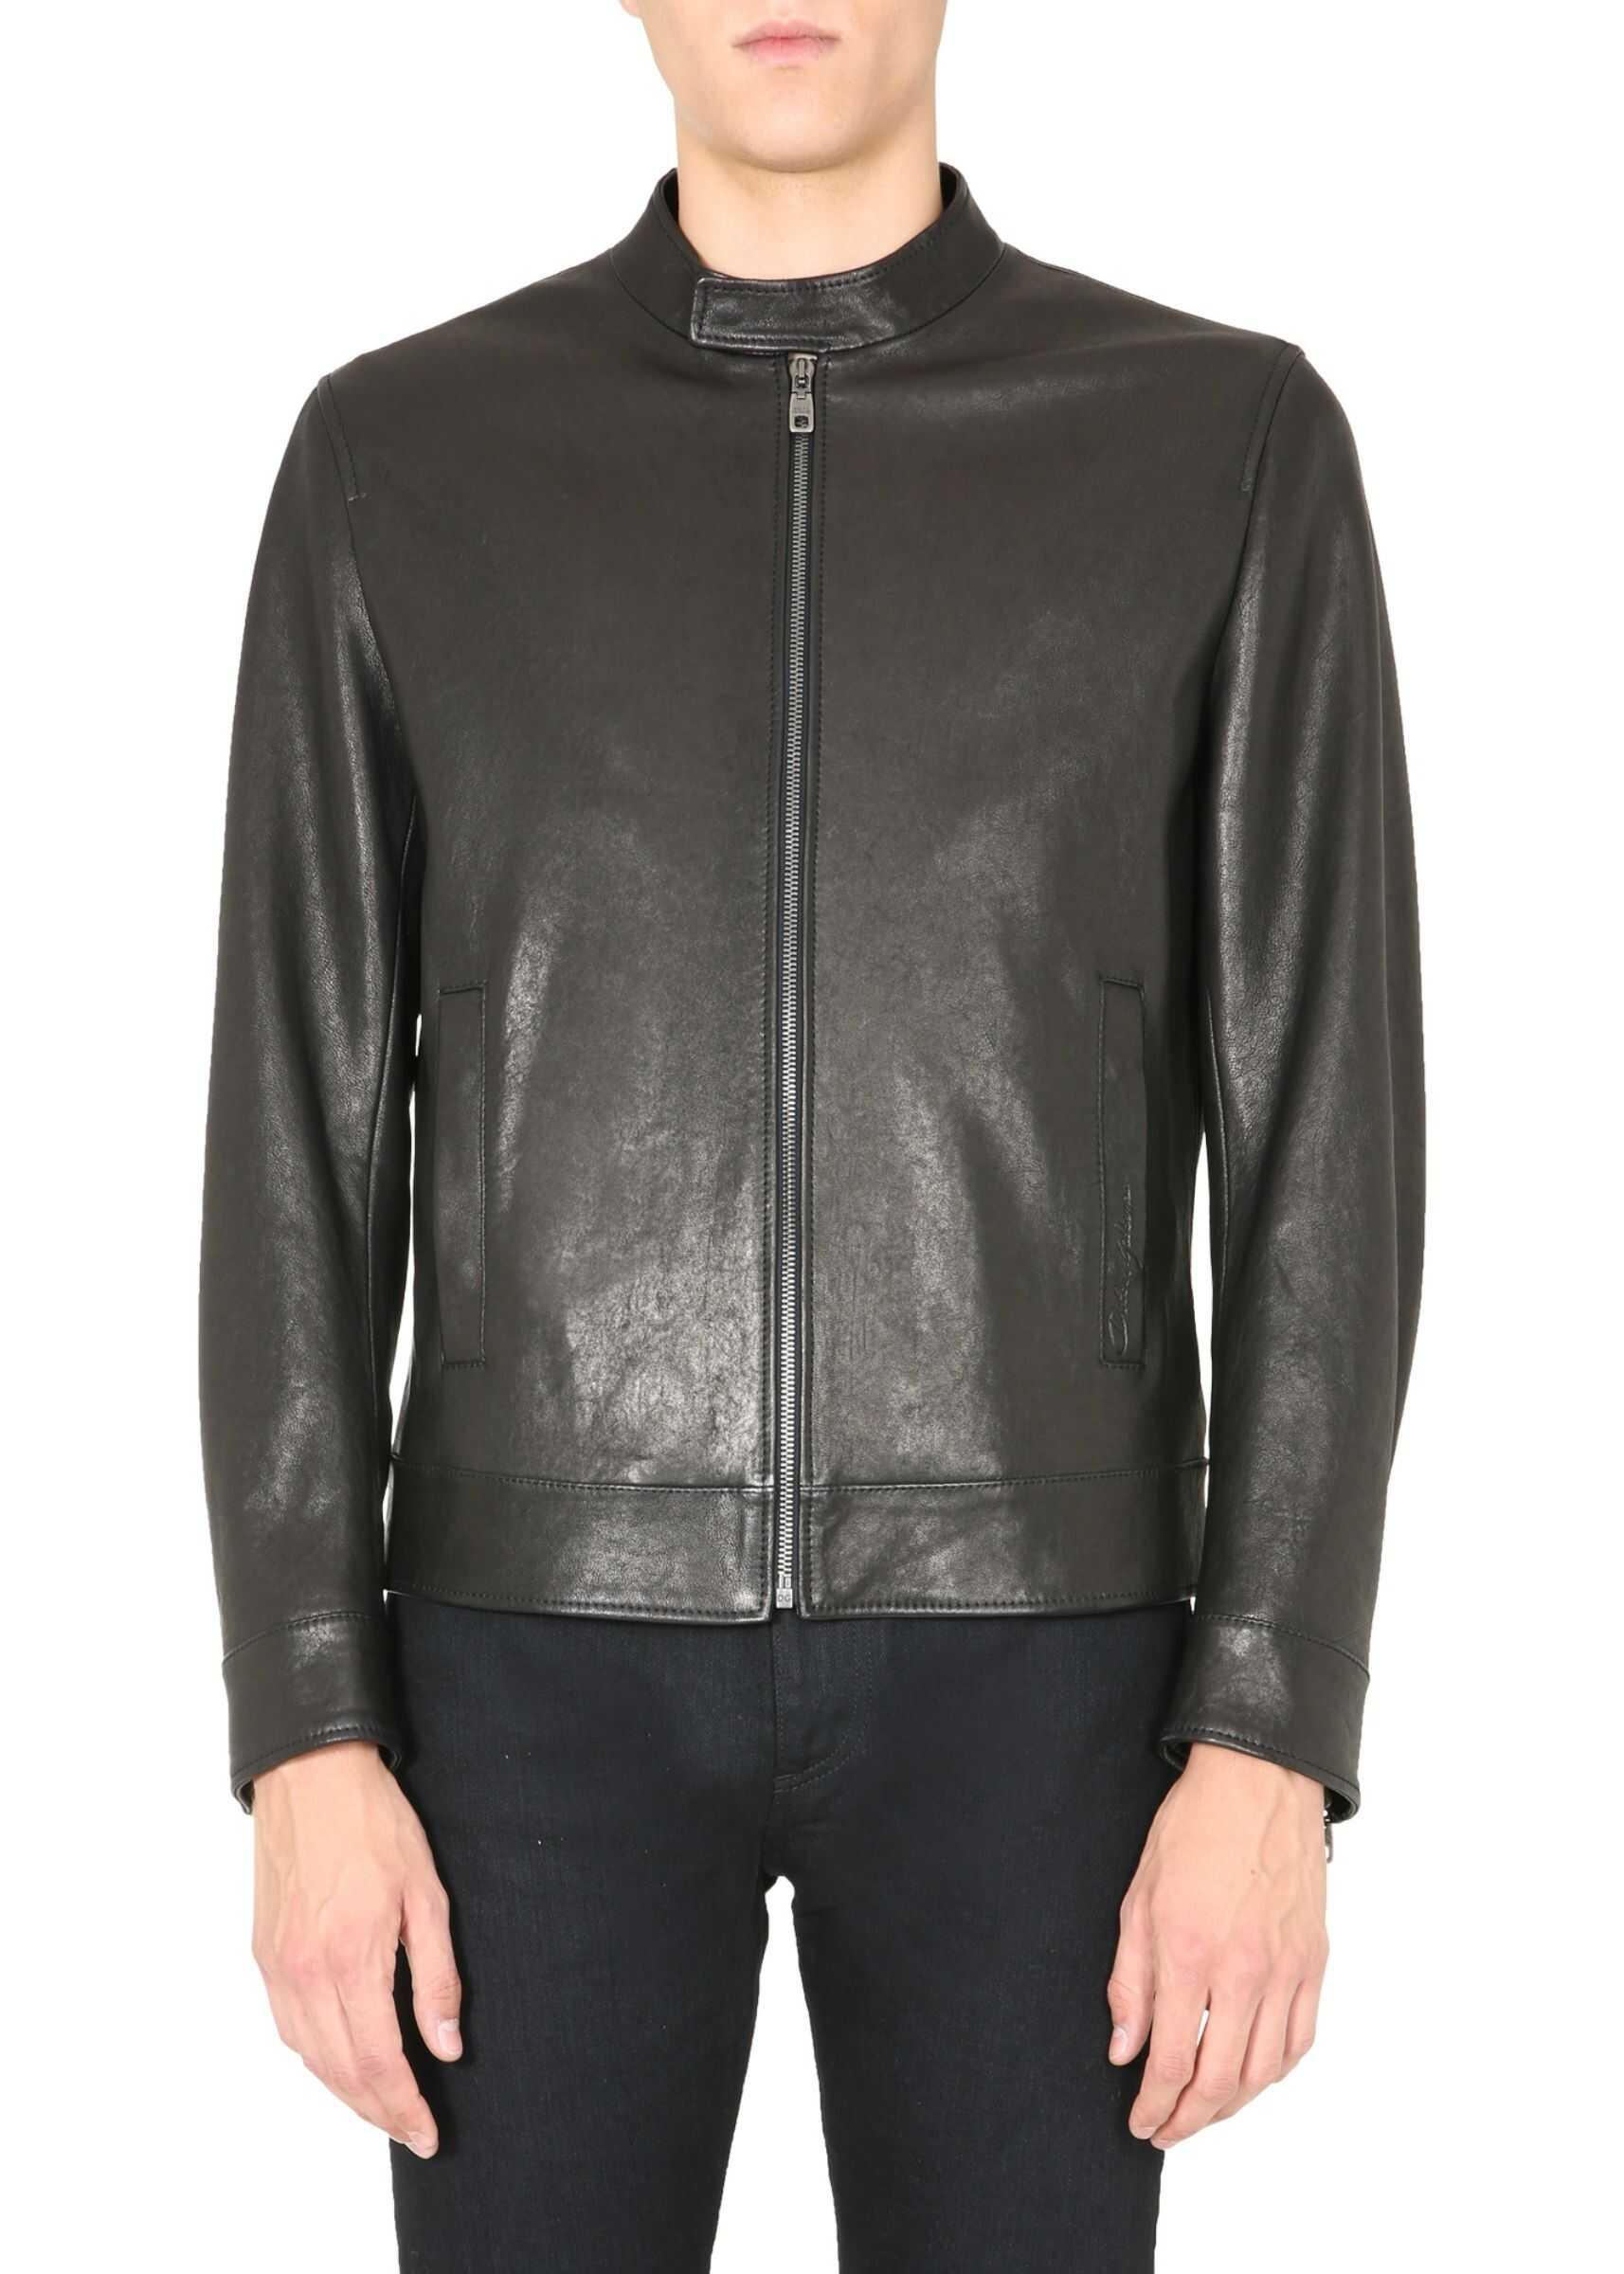 Dolce & Gabbana Leather Jacket BLACK imagine